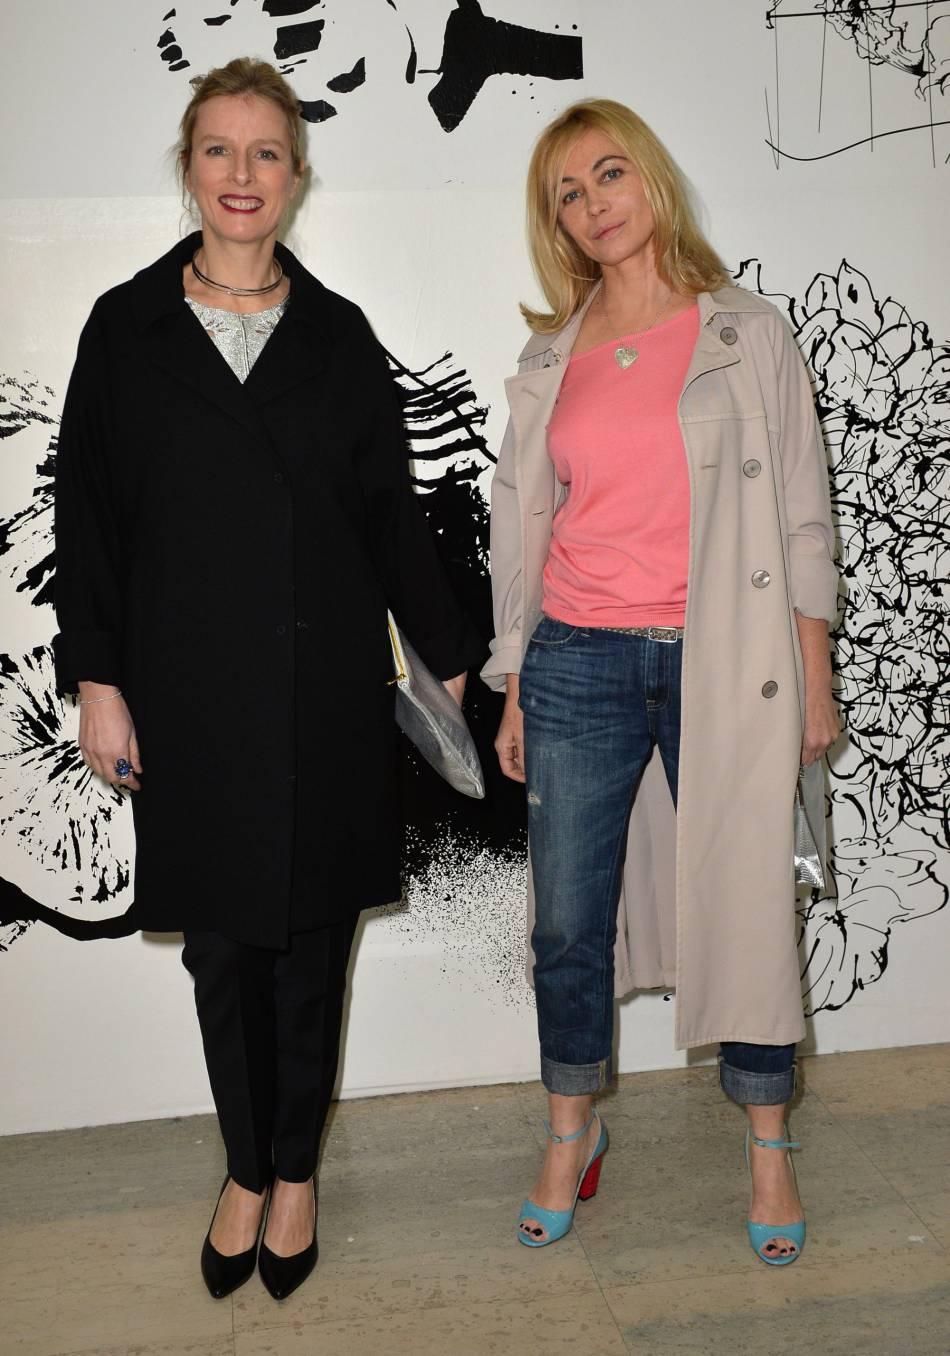 Emmanuelle Béart et Karin Viard au défilé de mode Paul & Joe collection prêt-à-porter Automne Hiver 2016/2017 lors de la fashion week à Paris, le 8 mars 2016.